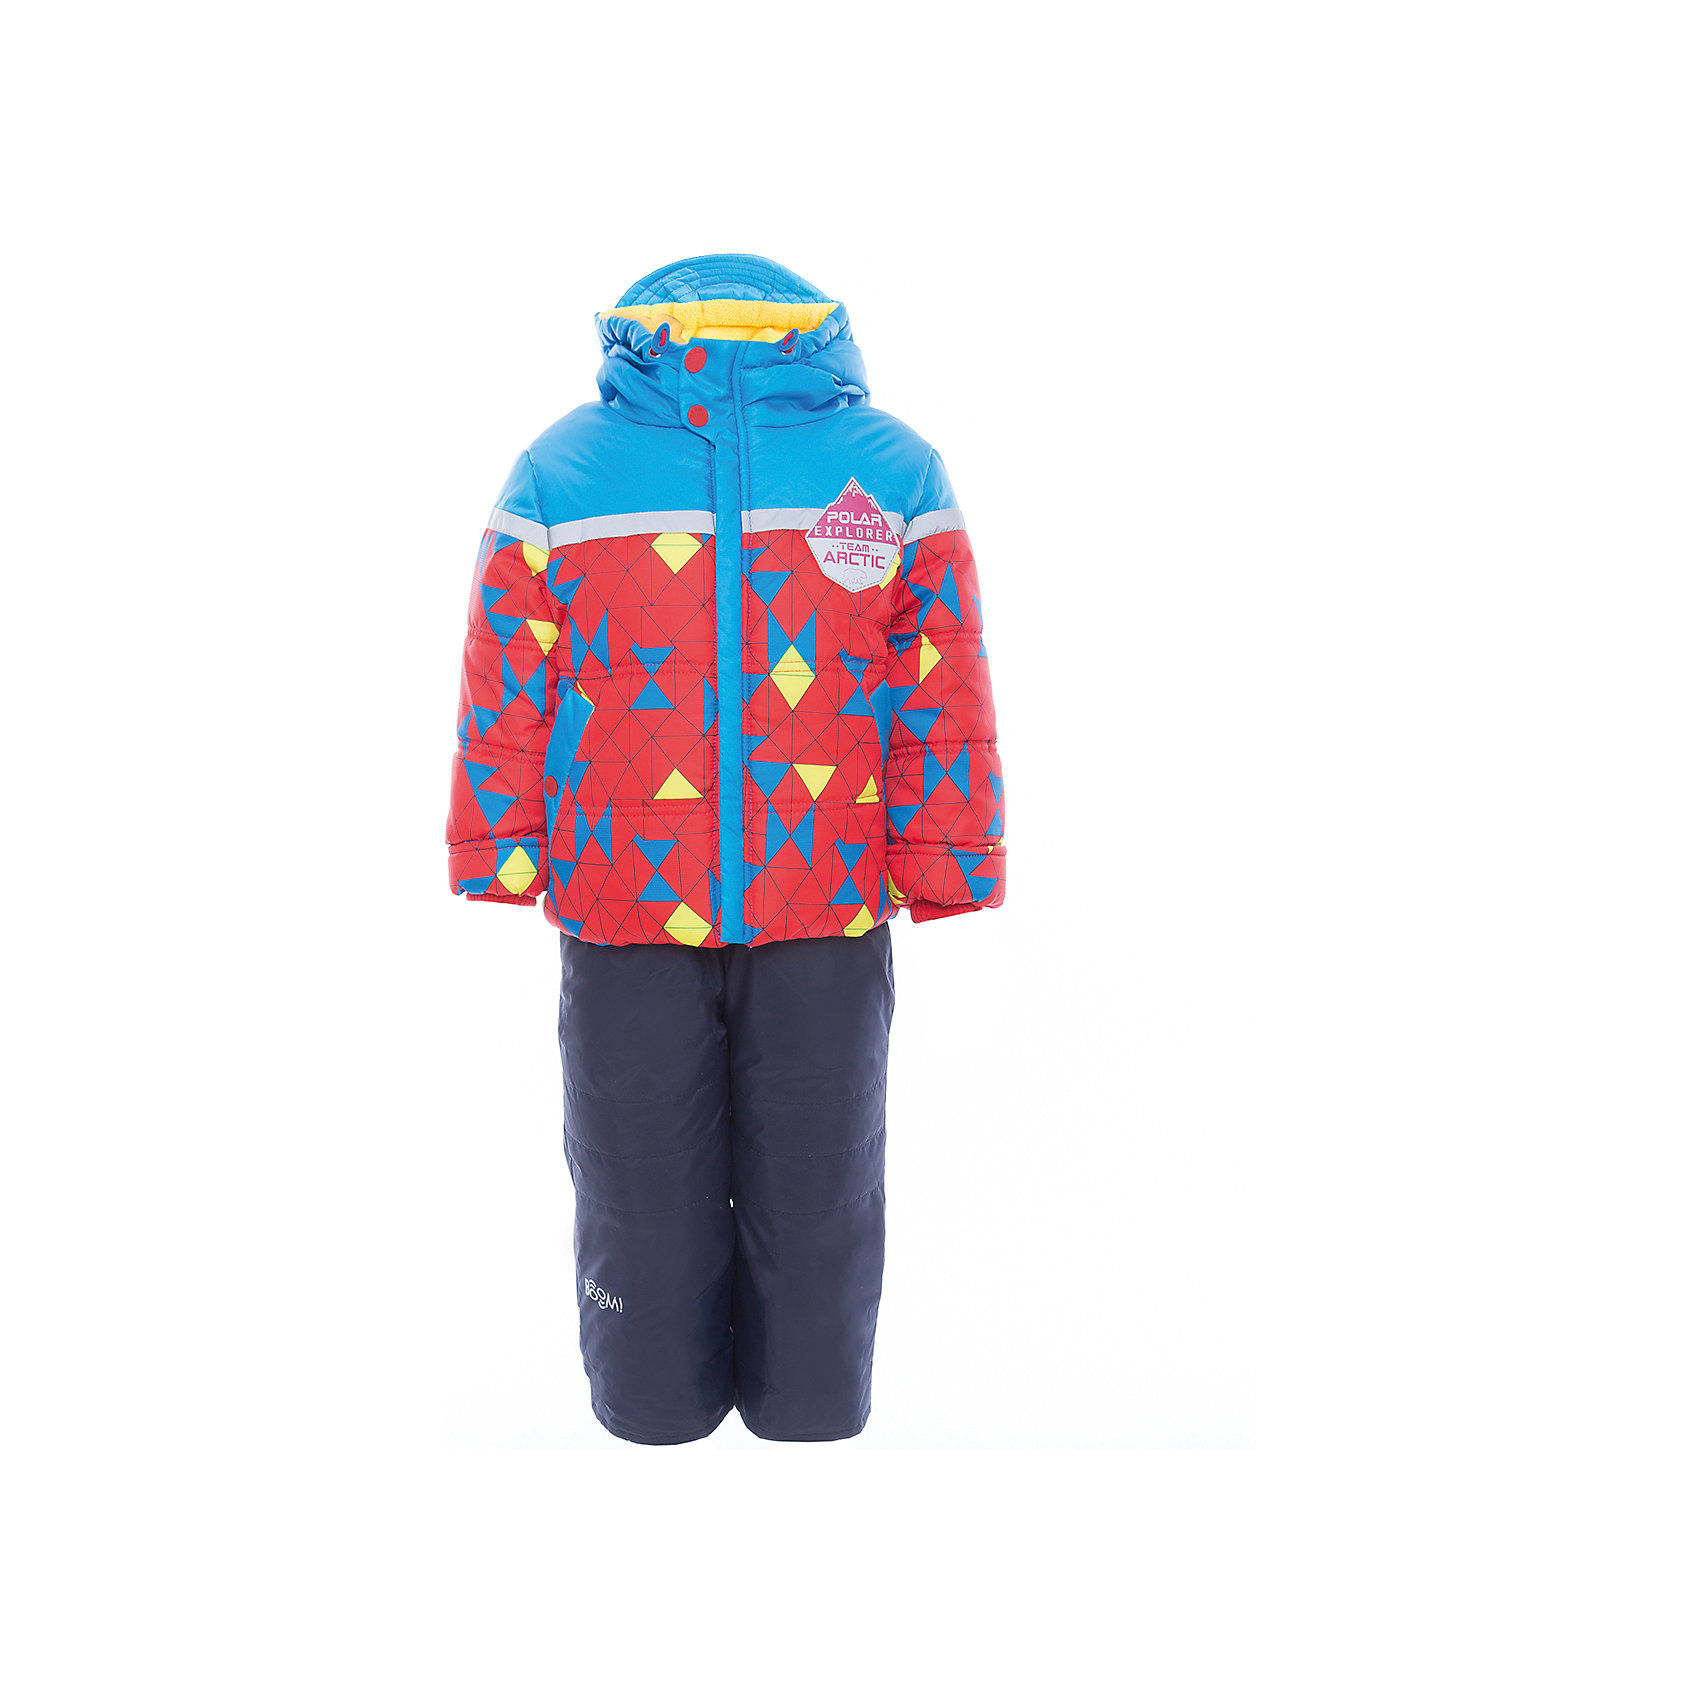 Комплект: куртка и брюки для мальчика BOOM by OrbyВерхняя одежда<br>Характеристики изделия:<br><br>- комплектация: куртка, полукомбинезон;<br>- материа л верха: 100% полиэстер;;<br>- подкладка: ПЭ, флис;<br>- утеплитель: эко-синтепон 400 г/м2, 200 г/м2; <br>- фурнитура: металл, пластик;<br>- застежка: молния;<br>- капюшон;<br>- внутренний ветрозащитный клапан;<br>- принт на куртке;<br>- температурный режим до -30°С<br><br><br>В холодный сезон важно одеть ребенка комфортно и тепло. Этот стильный и теплый комплект позволит мальчику наслаждаться зимним отдыхом, не боясь замерзнуть, и выглядеть при этом очень симпатично.<br>Теплая куртка плотно сидит благодаря манжетам и надежным застежкам. Она смотрится очень эффектно благодаря стильному принту. Полукомбинезон дополнен регулируемыми лямками, карманами и манжетами.<br><br>Комплект: курта и брюки для мальчика от бренда BOOM by Orby можно купить в нашем магазине.<br><br>Ширина мм: 215<br>Глубина мм: 88<br>Высота мм: 191<br>Вес г: 336<br>Цвет: синий<br>Возраст от месяцев: 12<br>Возраст до месяцев: 18<br>Пол: Мужской<br>Возраст: Детский<br>Размер: 86,92,116,98,122,104,110<br>SKU: 4982746